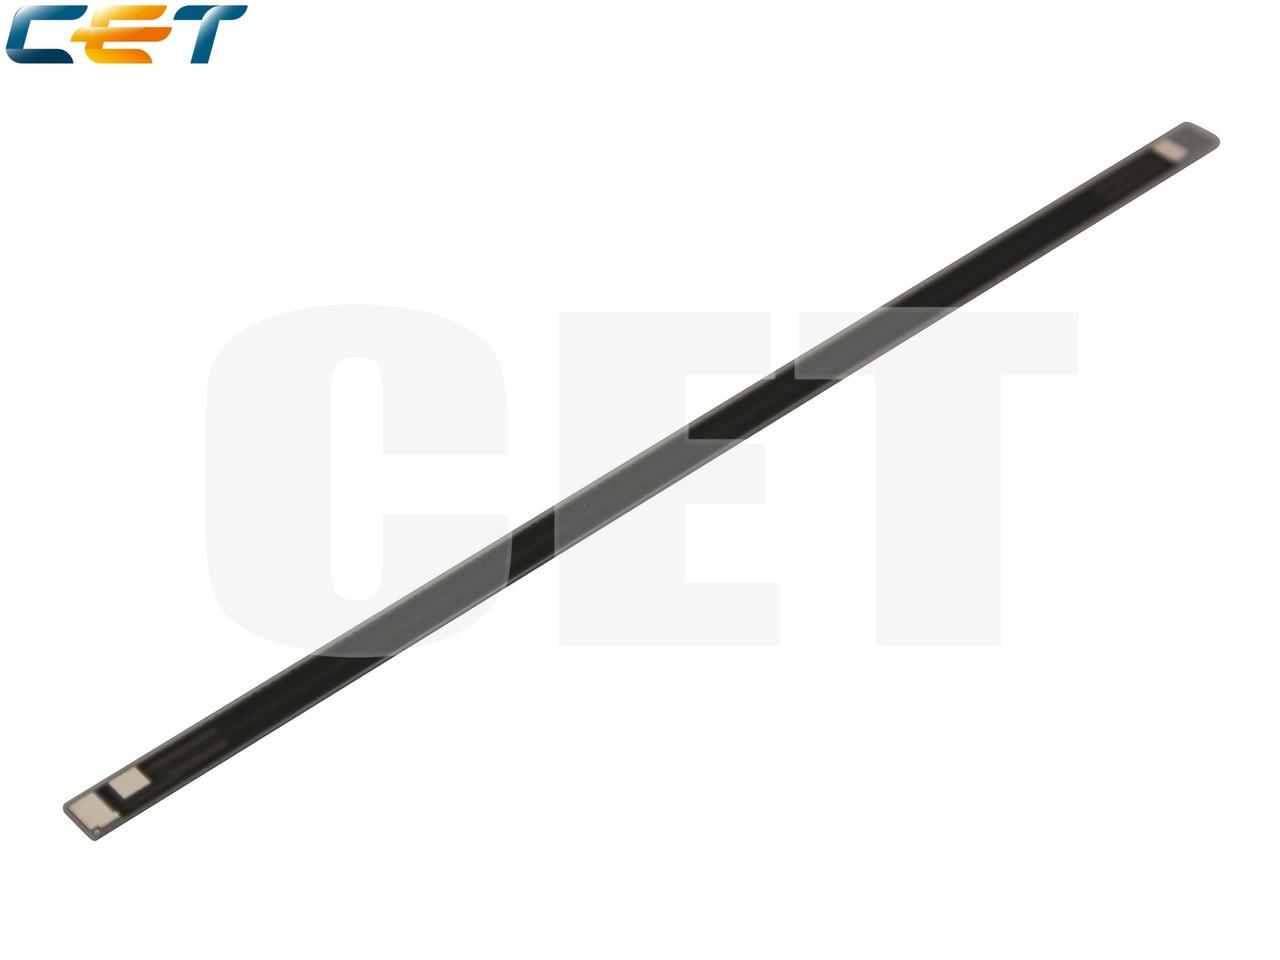 Нагревательный элемент для HP LaserJet EnterpriseM4555MFP (CET), CET2605